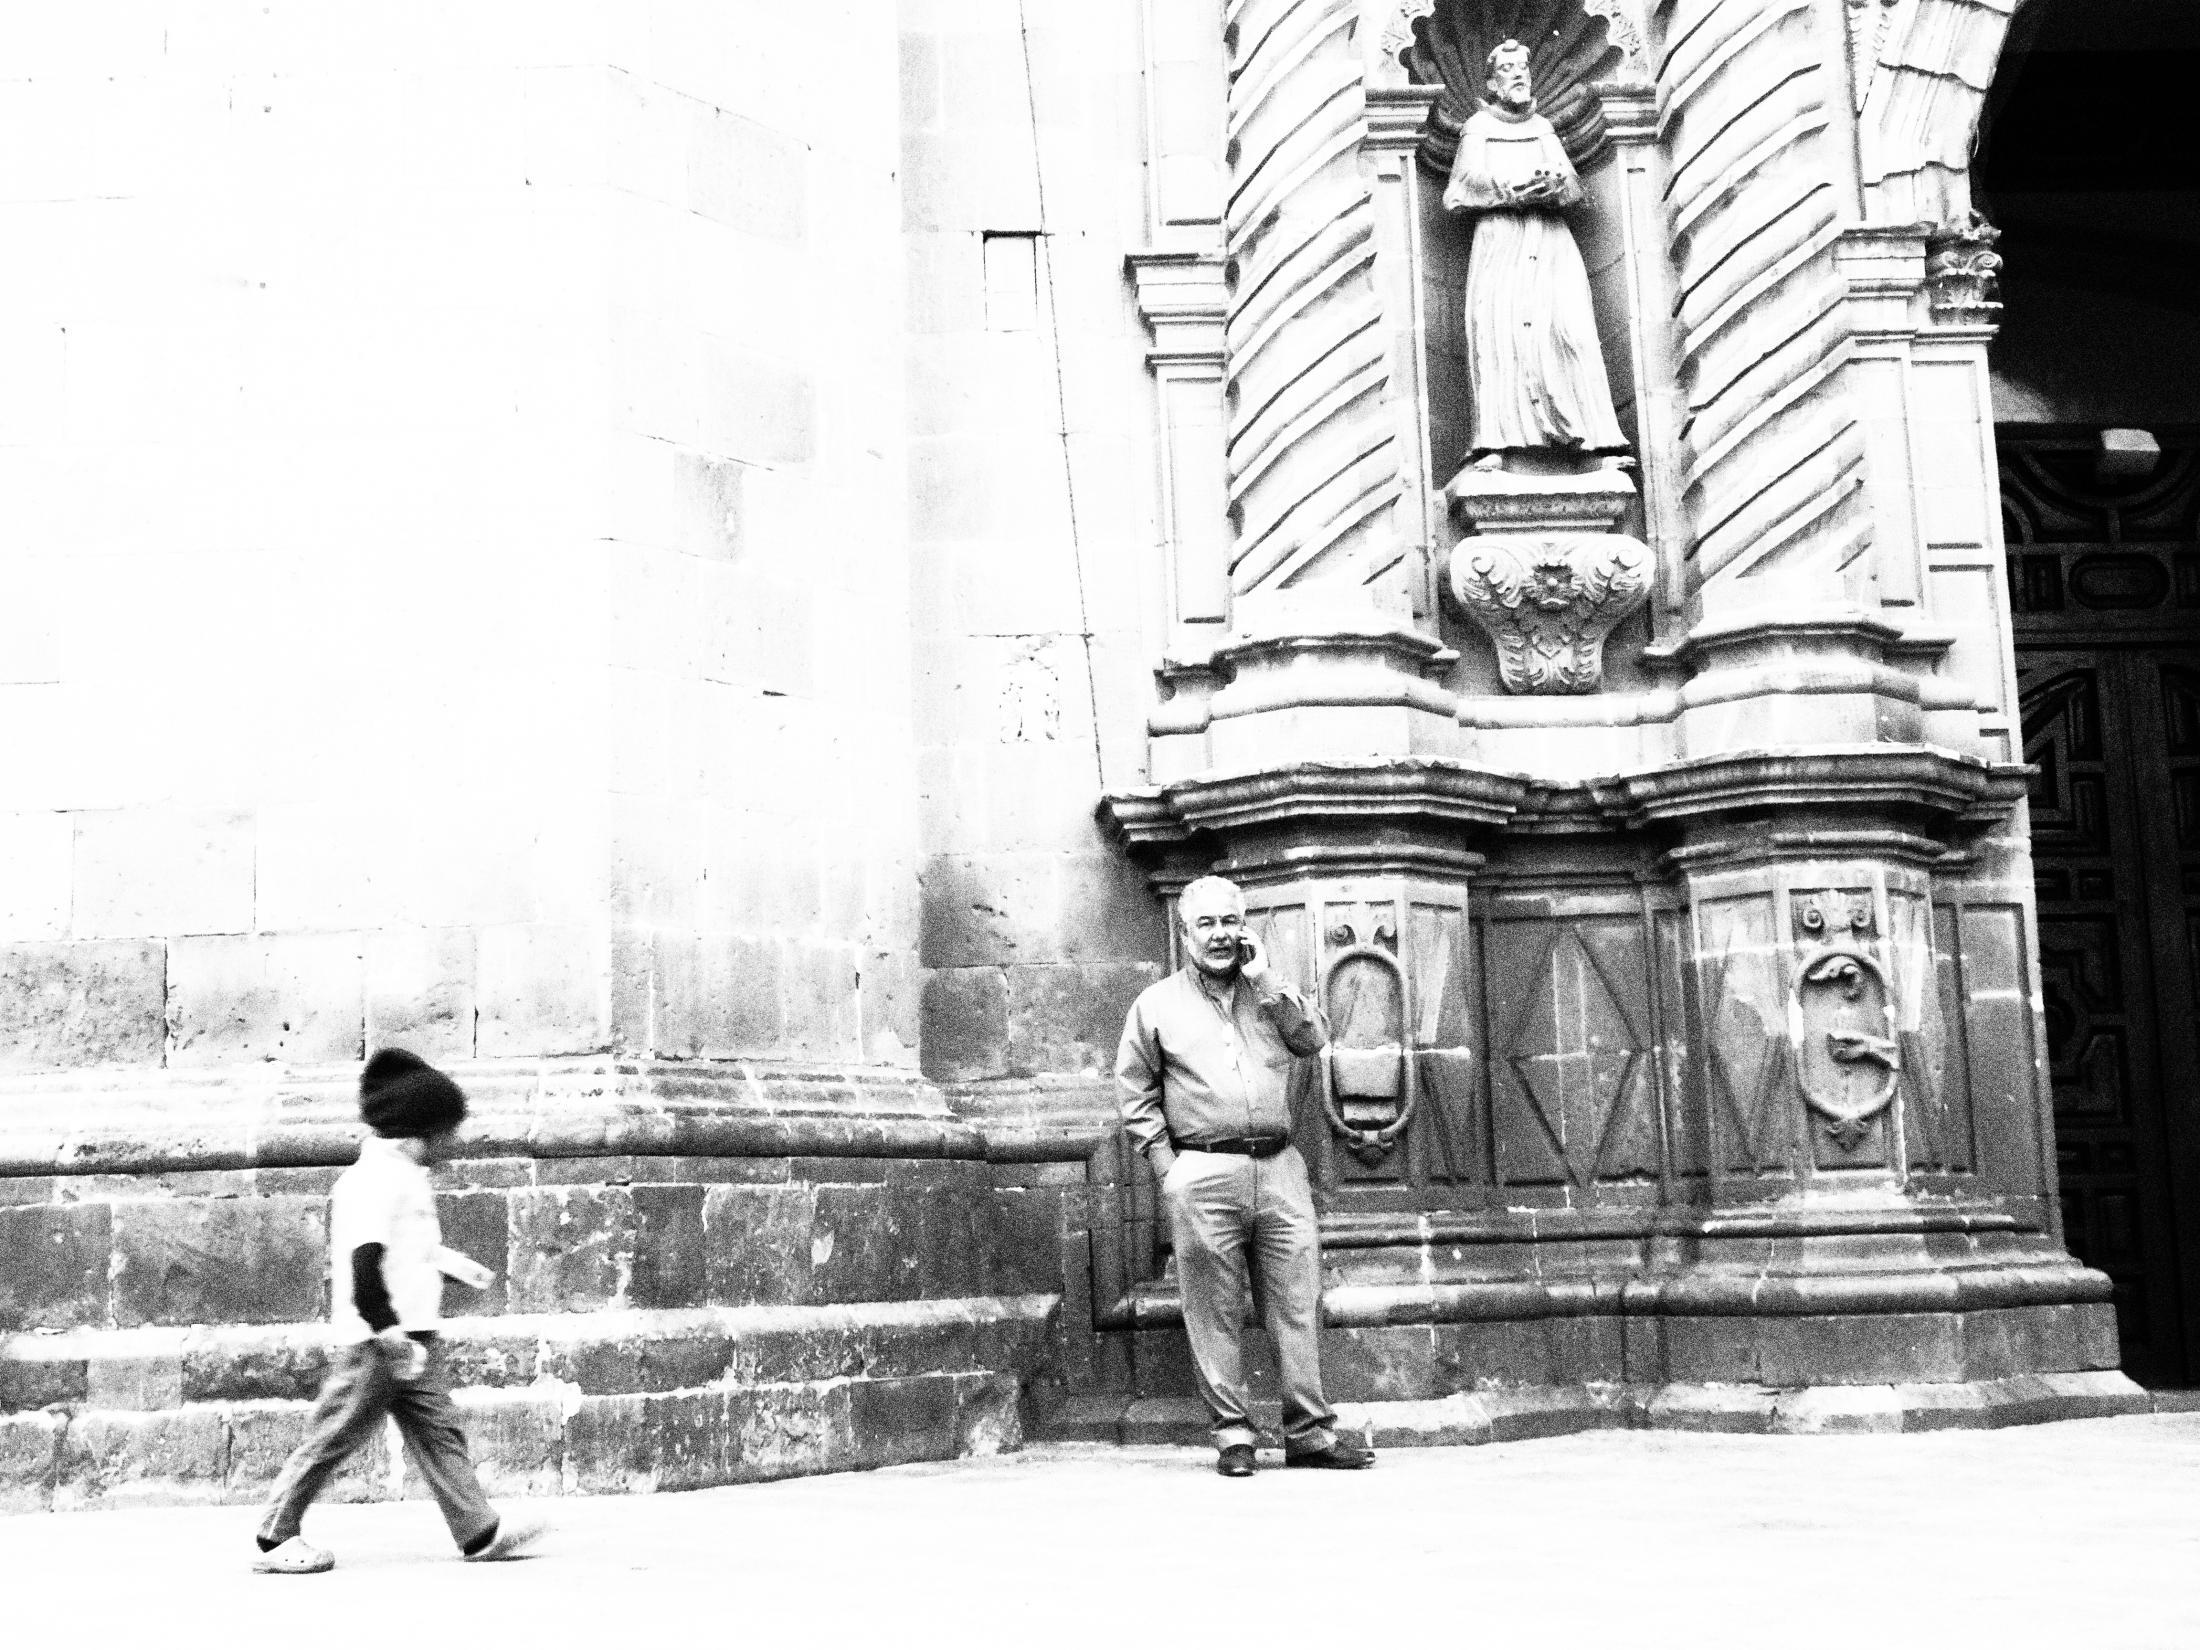 Santiago de Querétaro, Querétaro, México